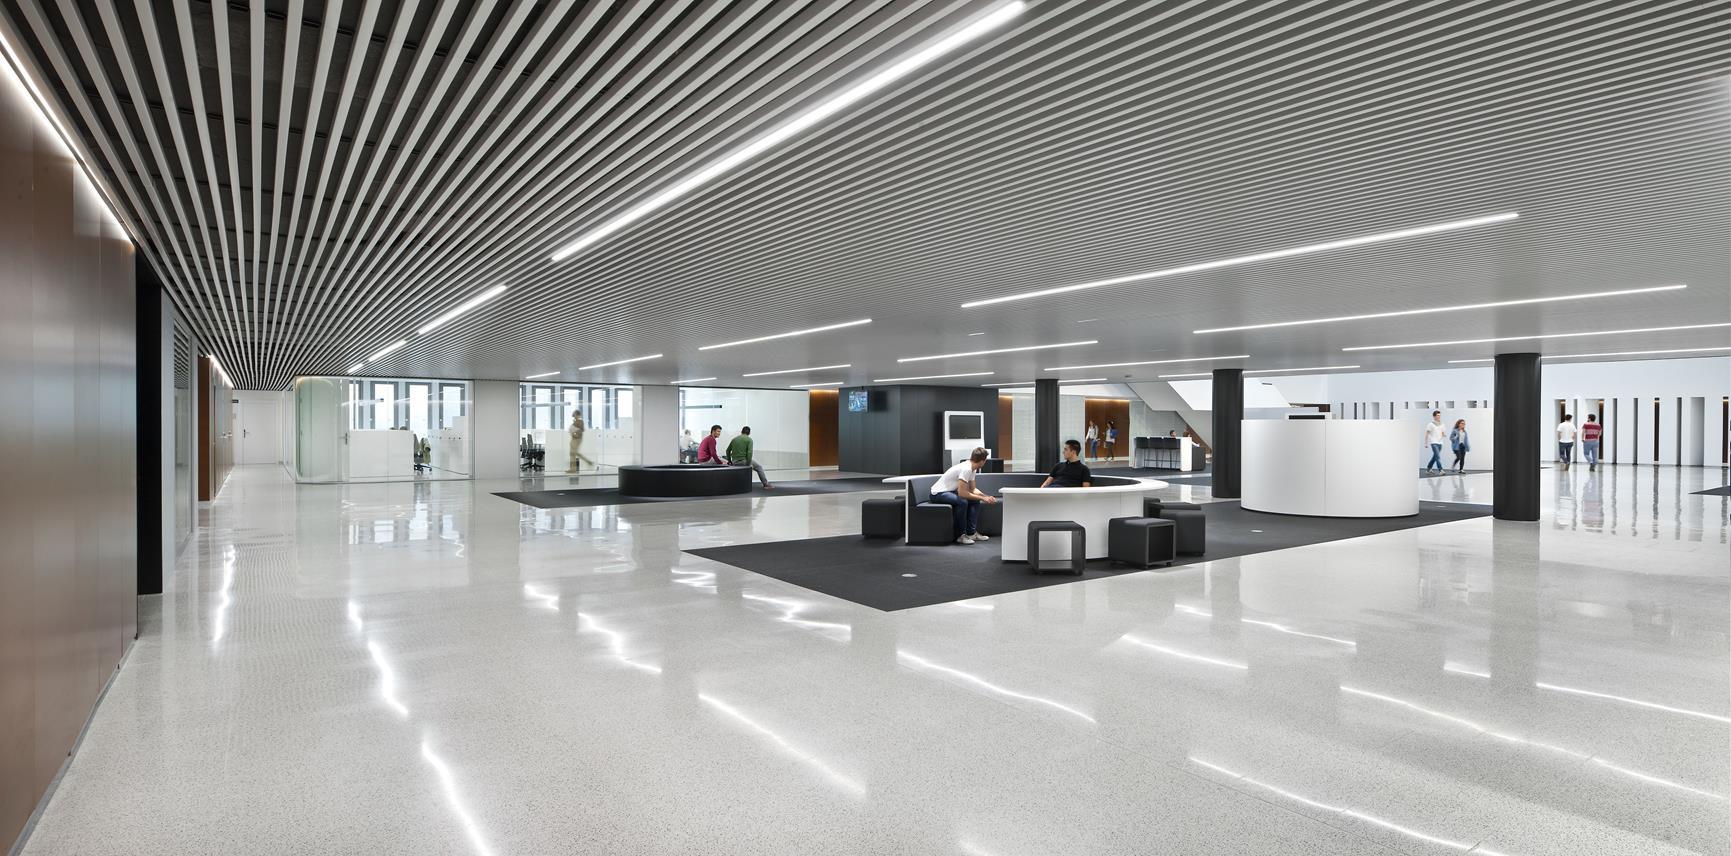 Instituto de idiomas UNAV Arquitectura docente Otxotorena arquitectos 04